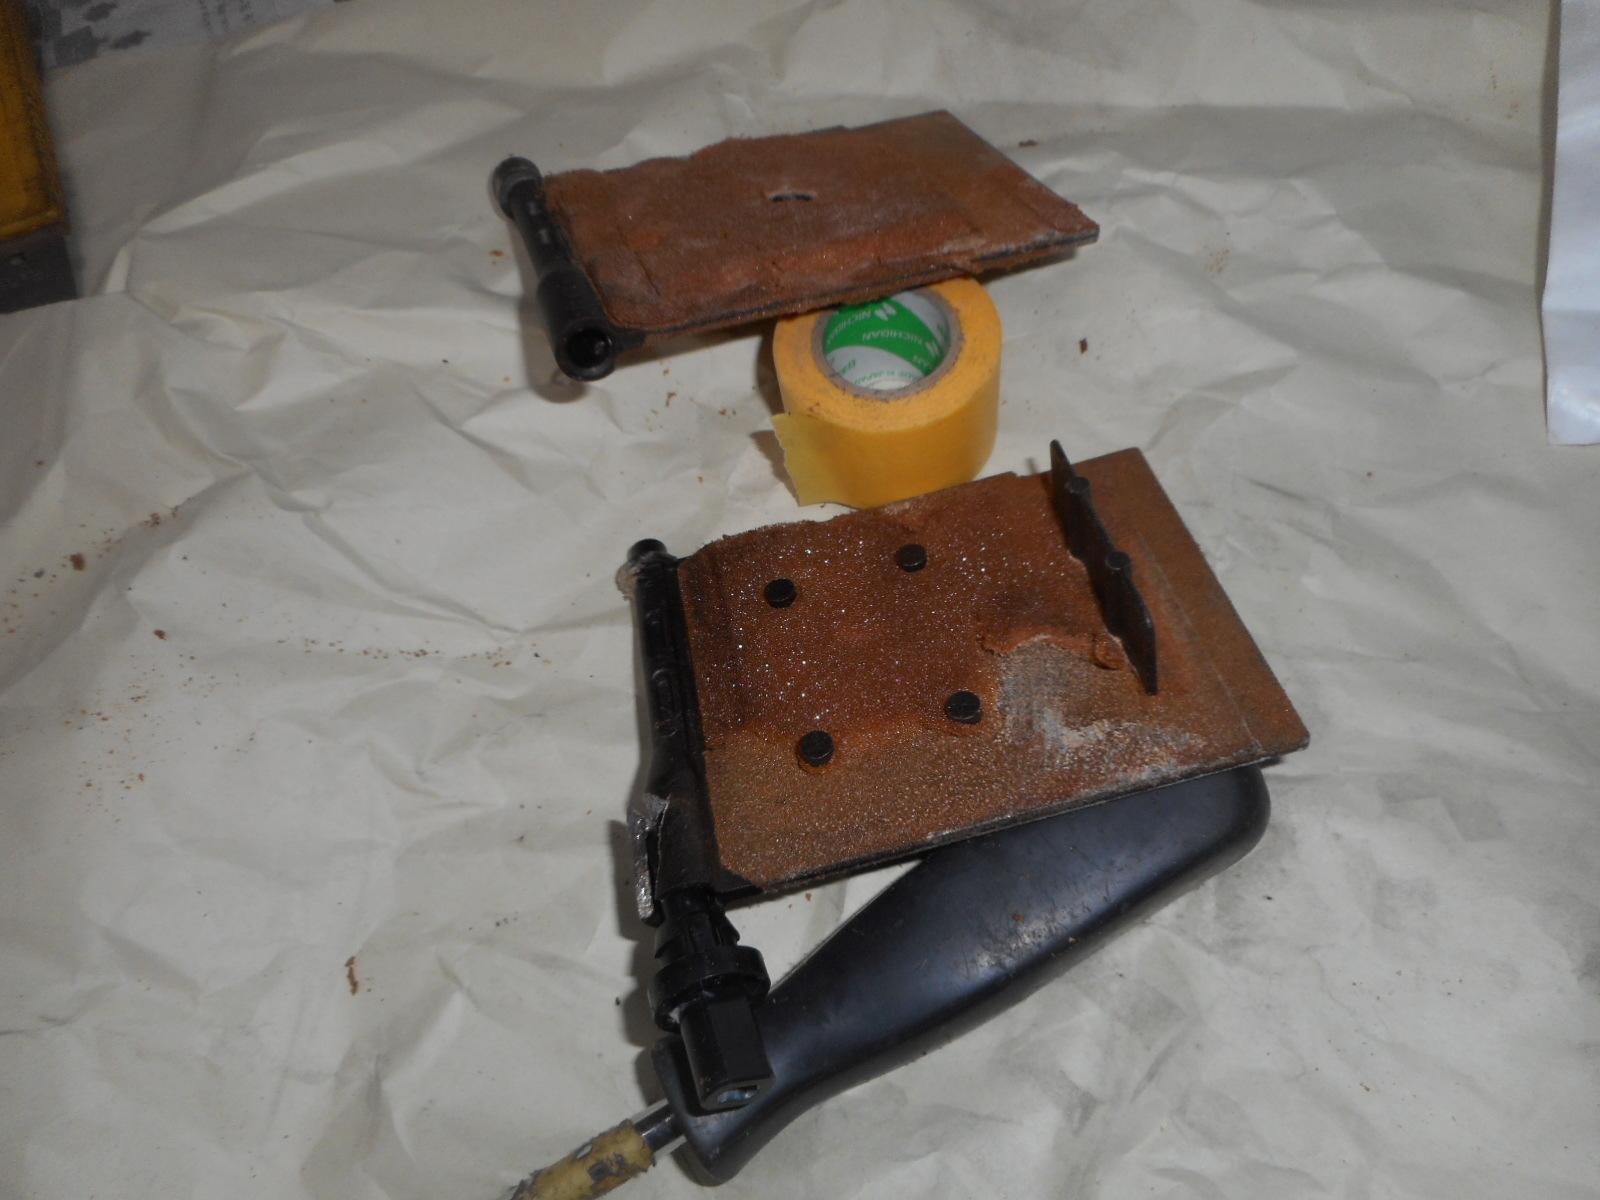 グランドチェロキー エアコン効き悪い修理 (フラップ交換)_c0267693_16014693.jpg